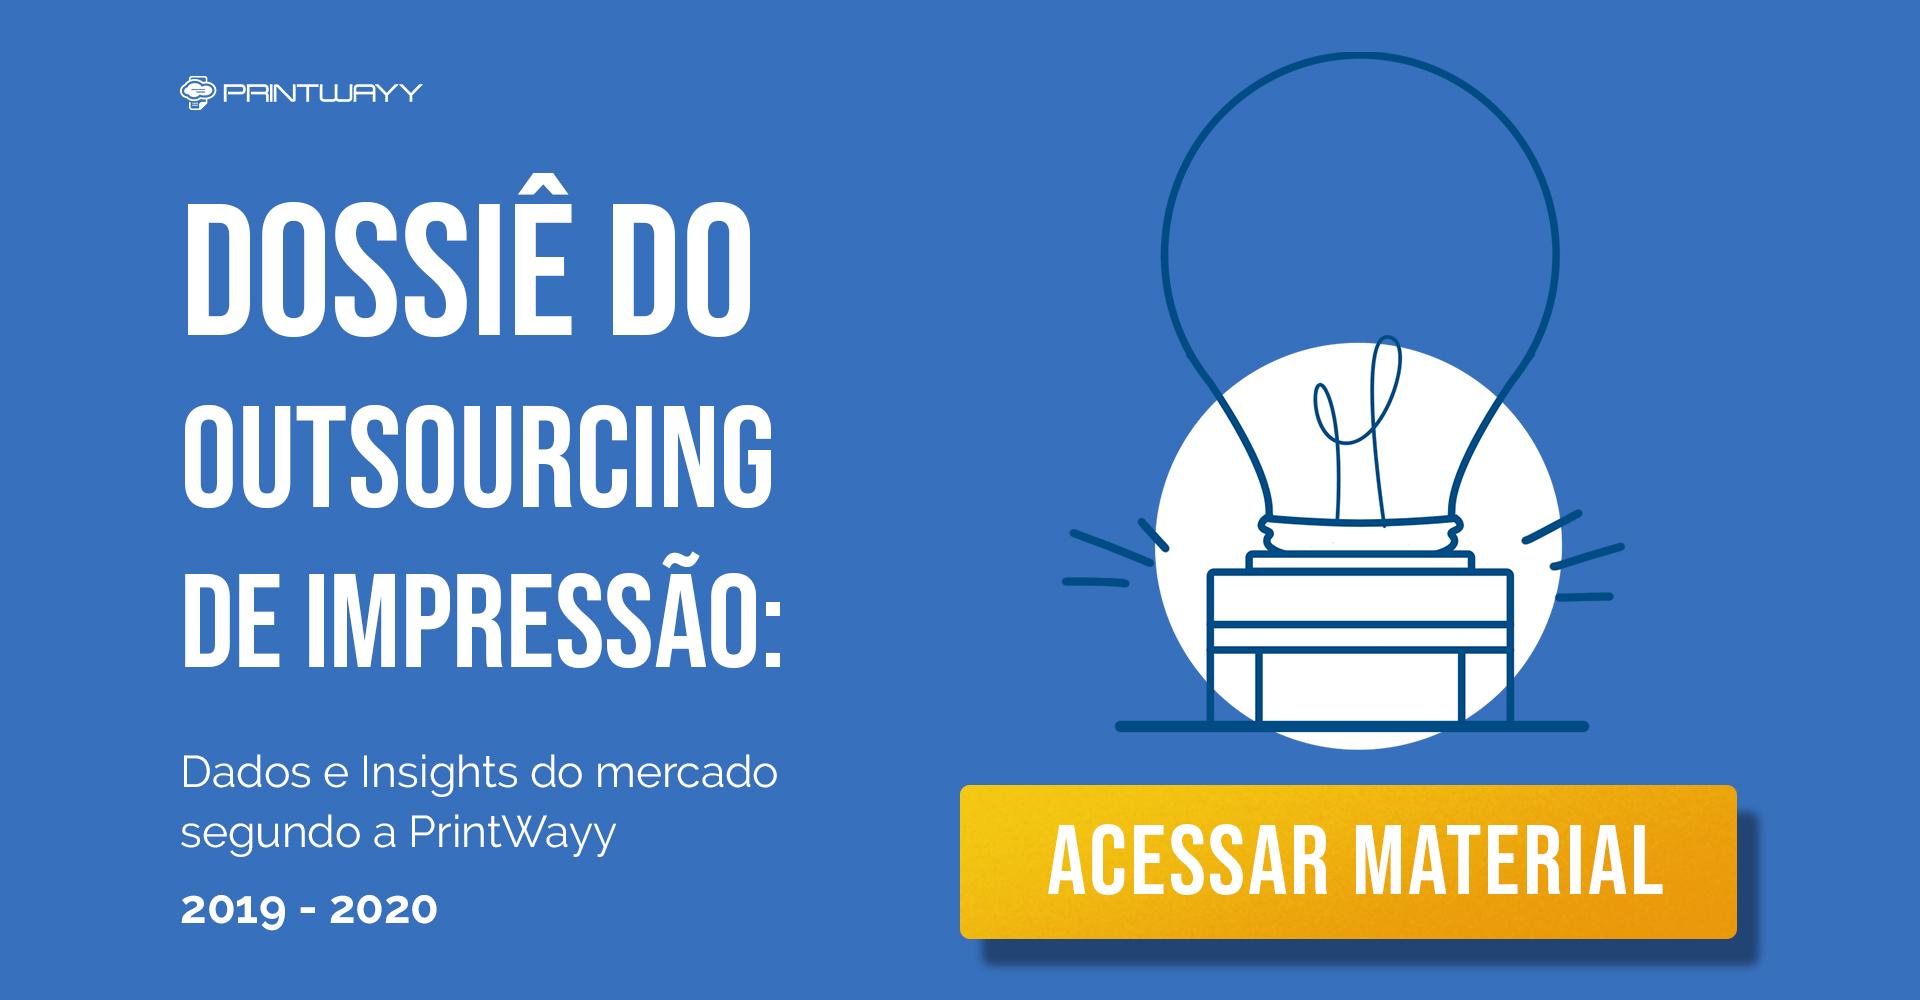 Convite para acessar o dossiê do outsourcing de impressão da PrintWayy.